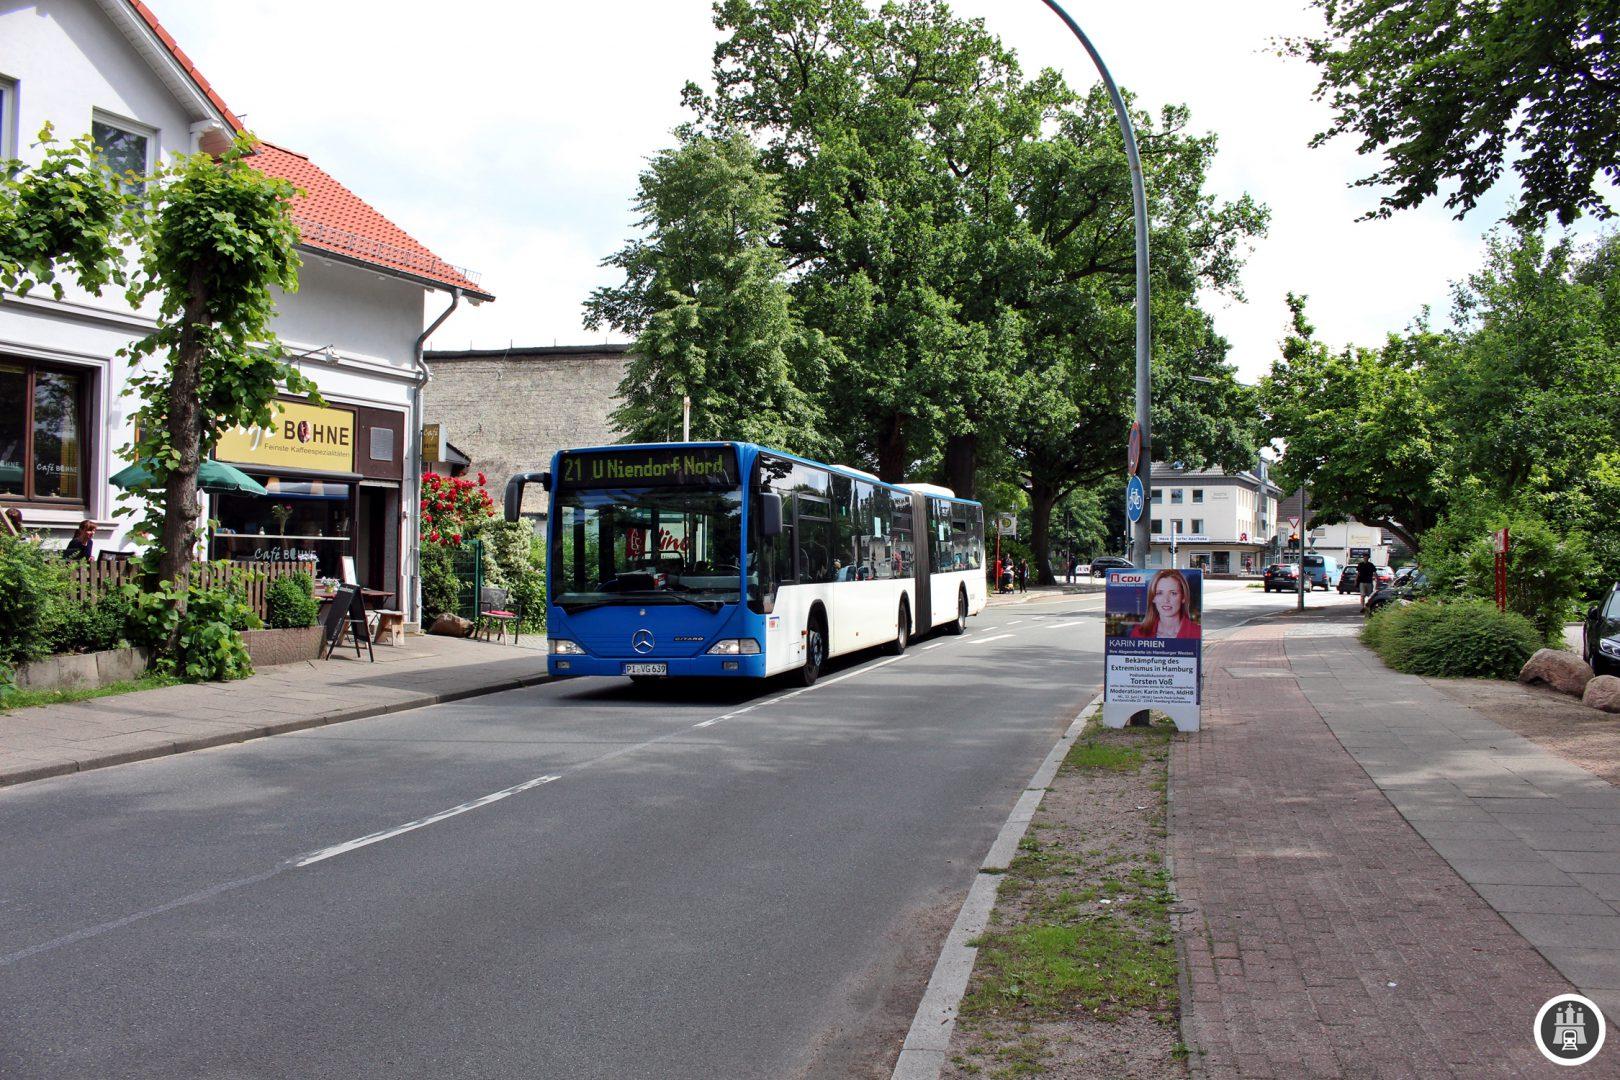 Die 21 erreicht an der Haltestelle Langelohstraße (Nord) die B431 als zentralen Verkehrskorridor. Auch die Linie 1 und 22 verkehren hier.